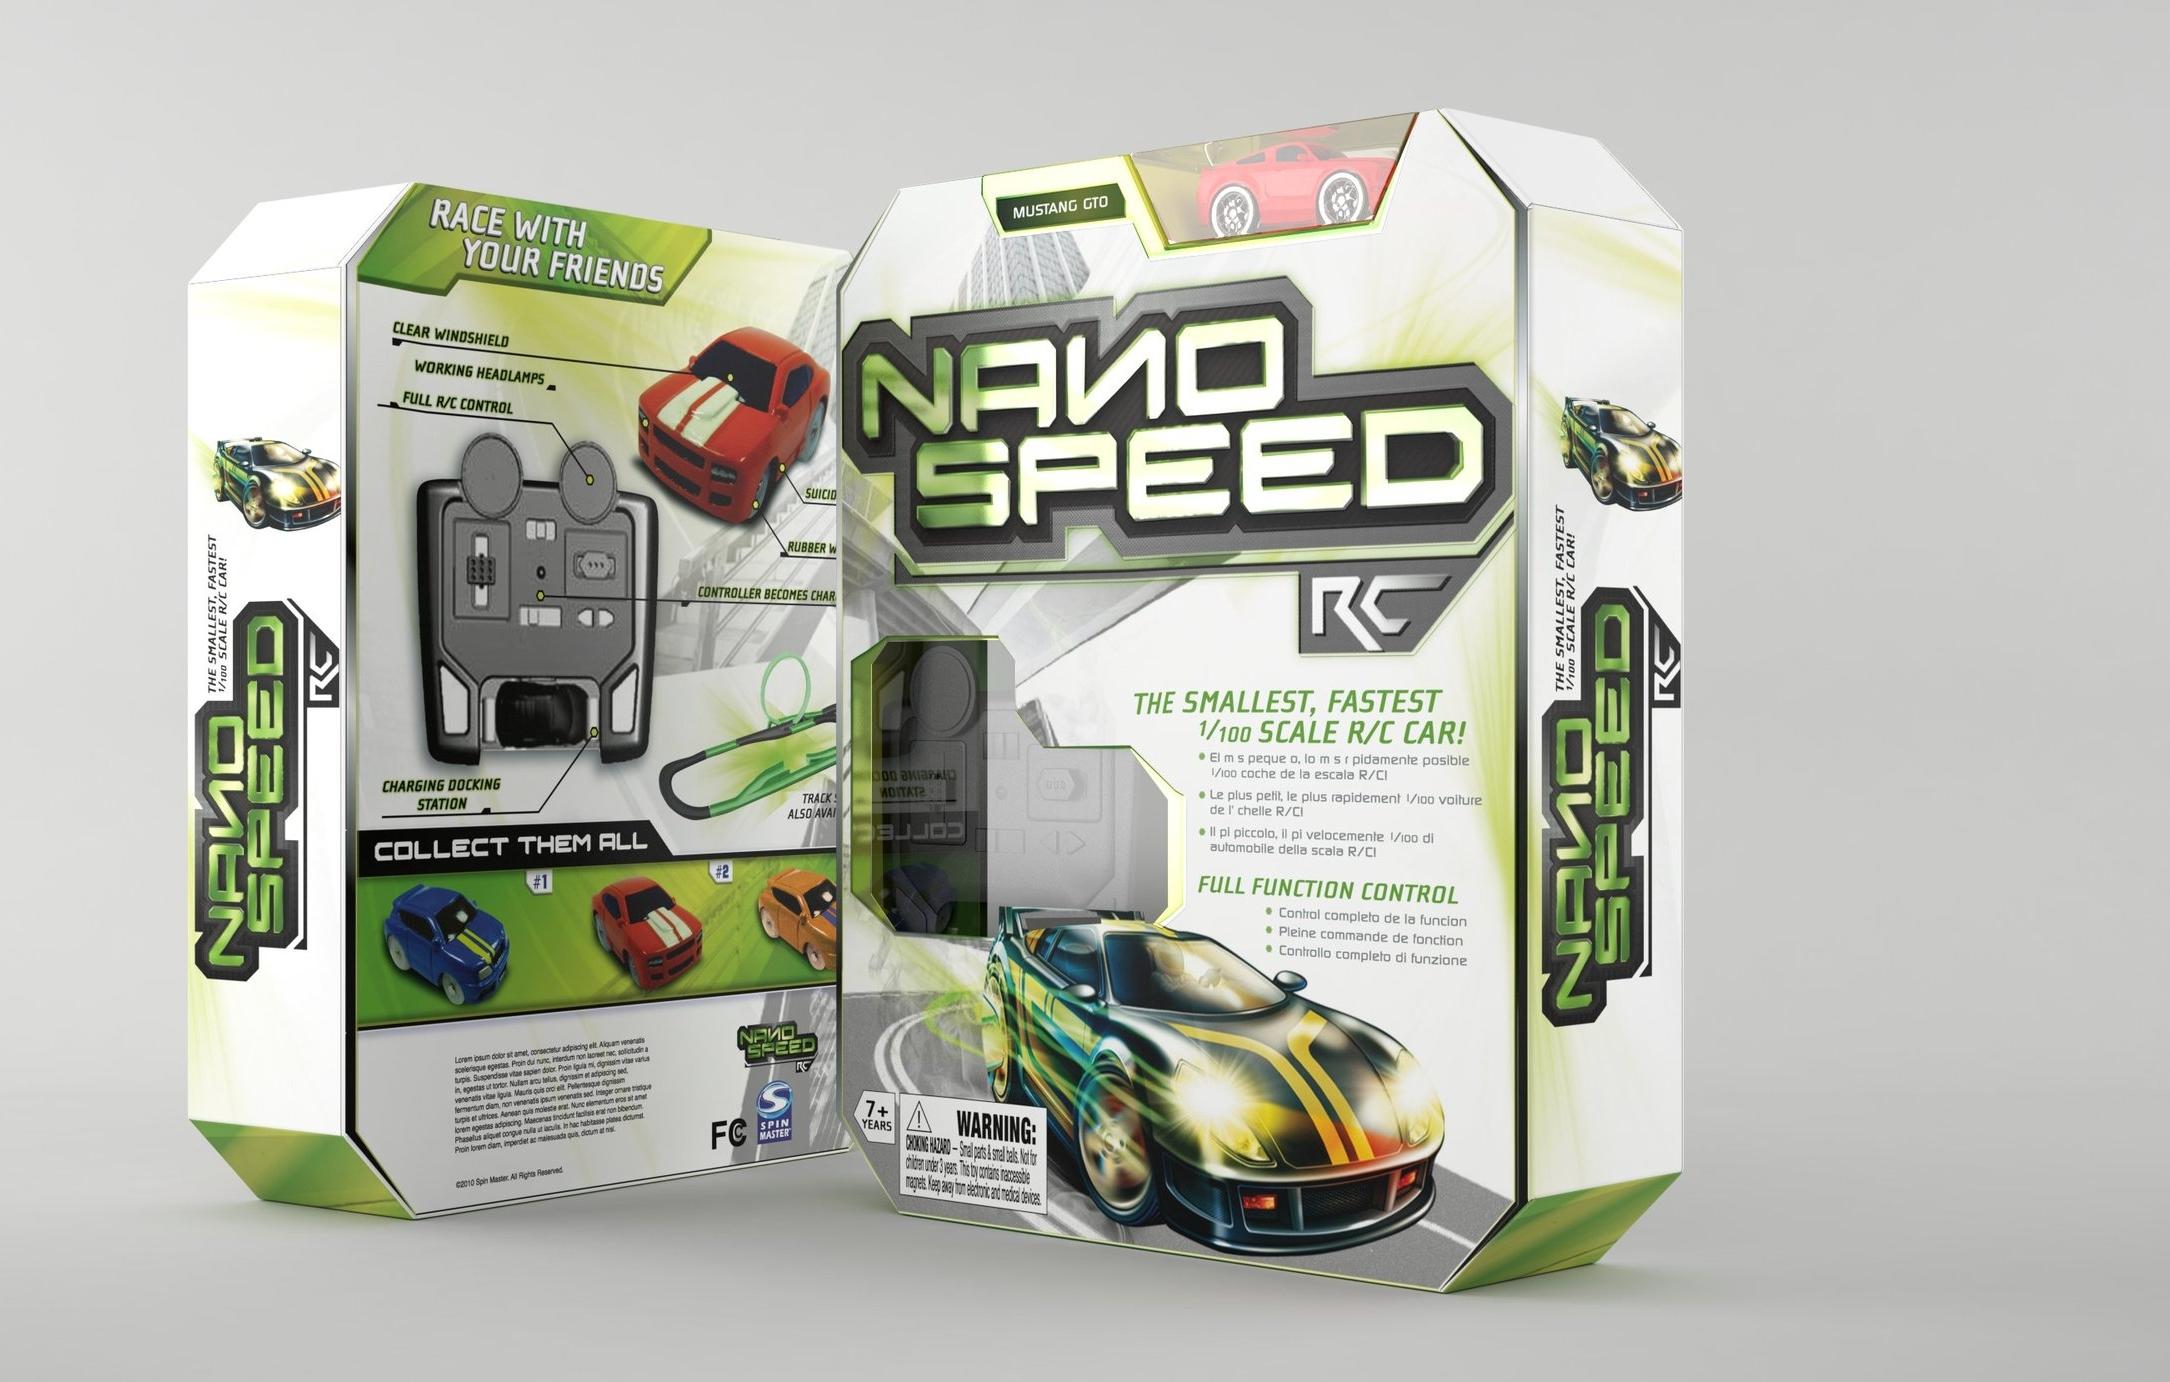 nanospeed_render_01.jpg